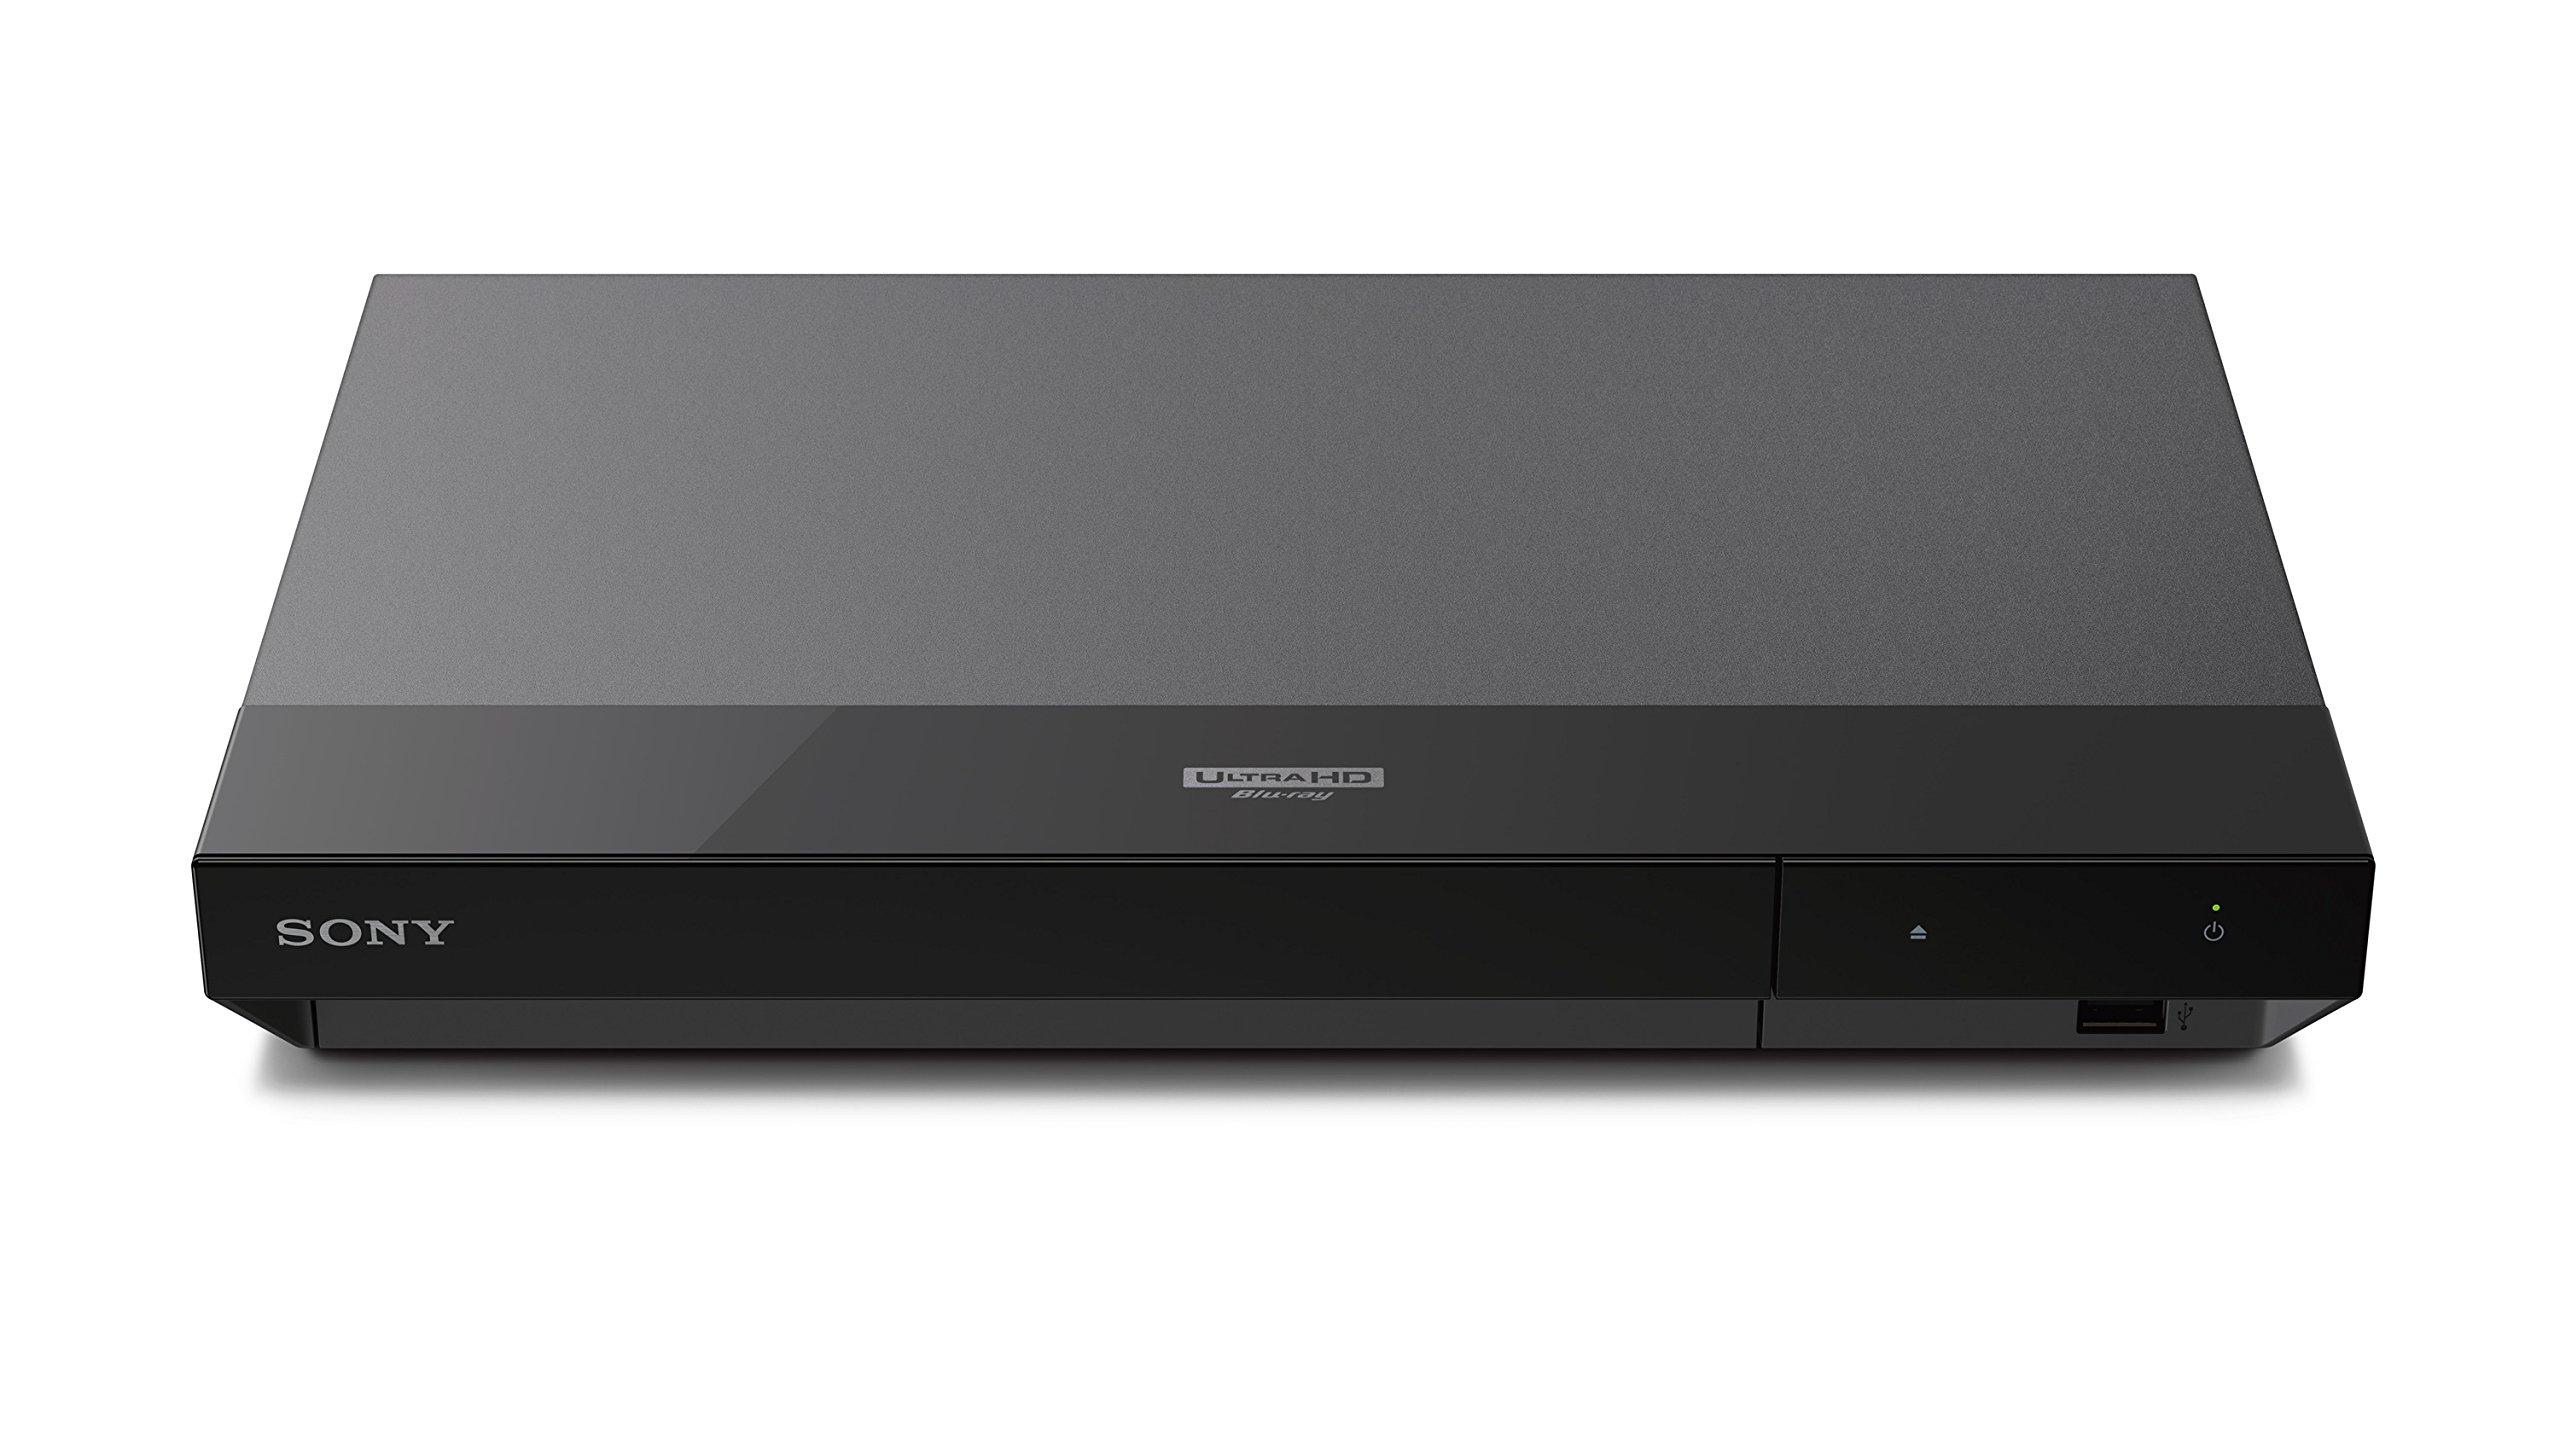 Sony UBP-X700 X700 4K UHD Blu-ray Player (Renewed) by Sony